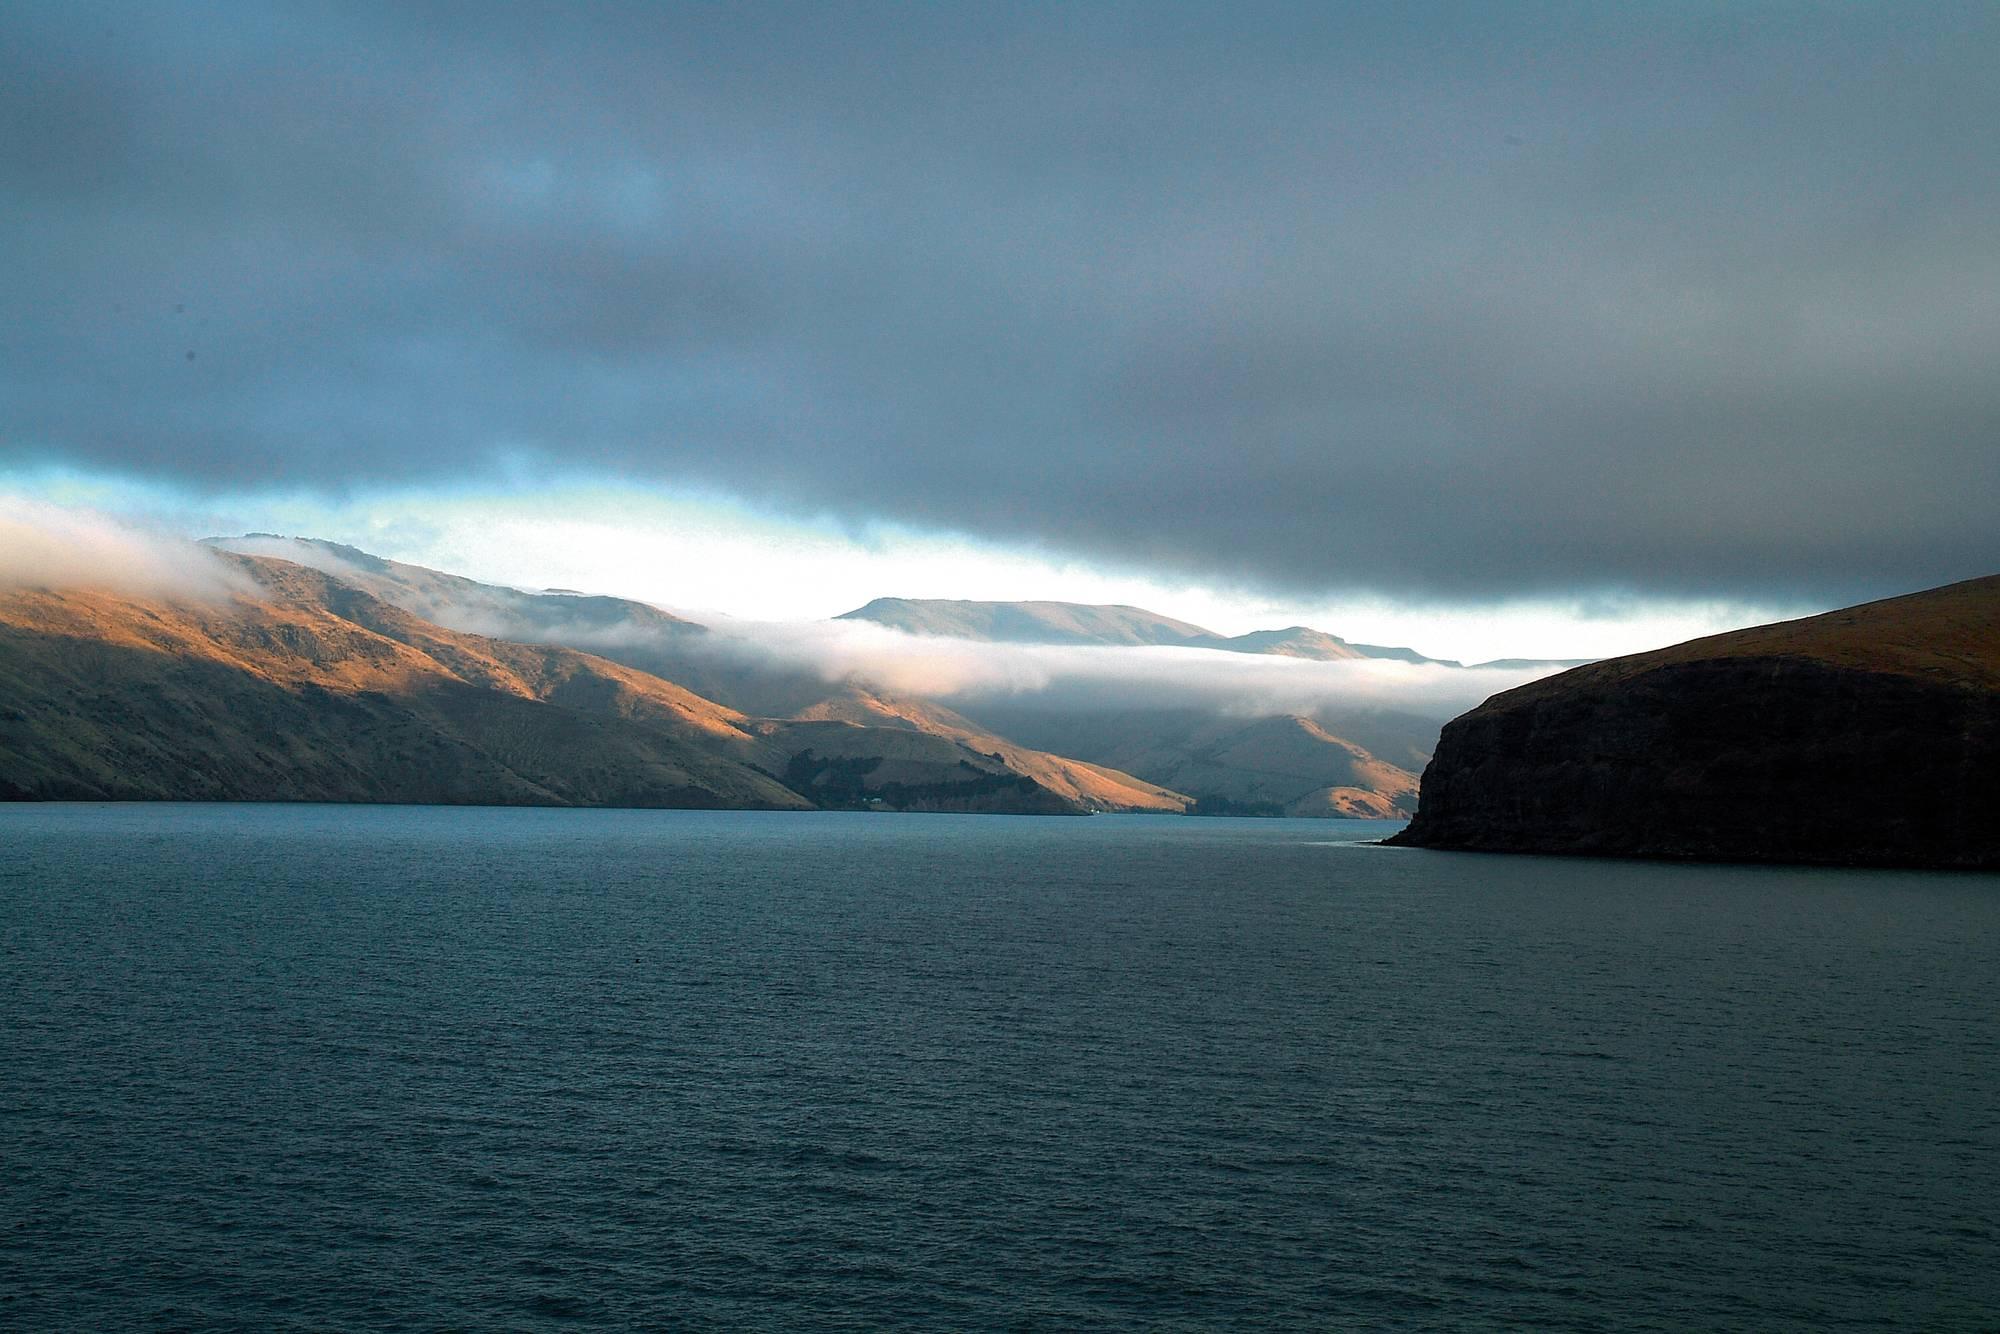 AUS_NZ_09007560